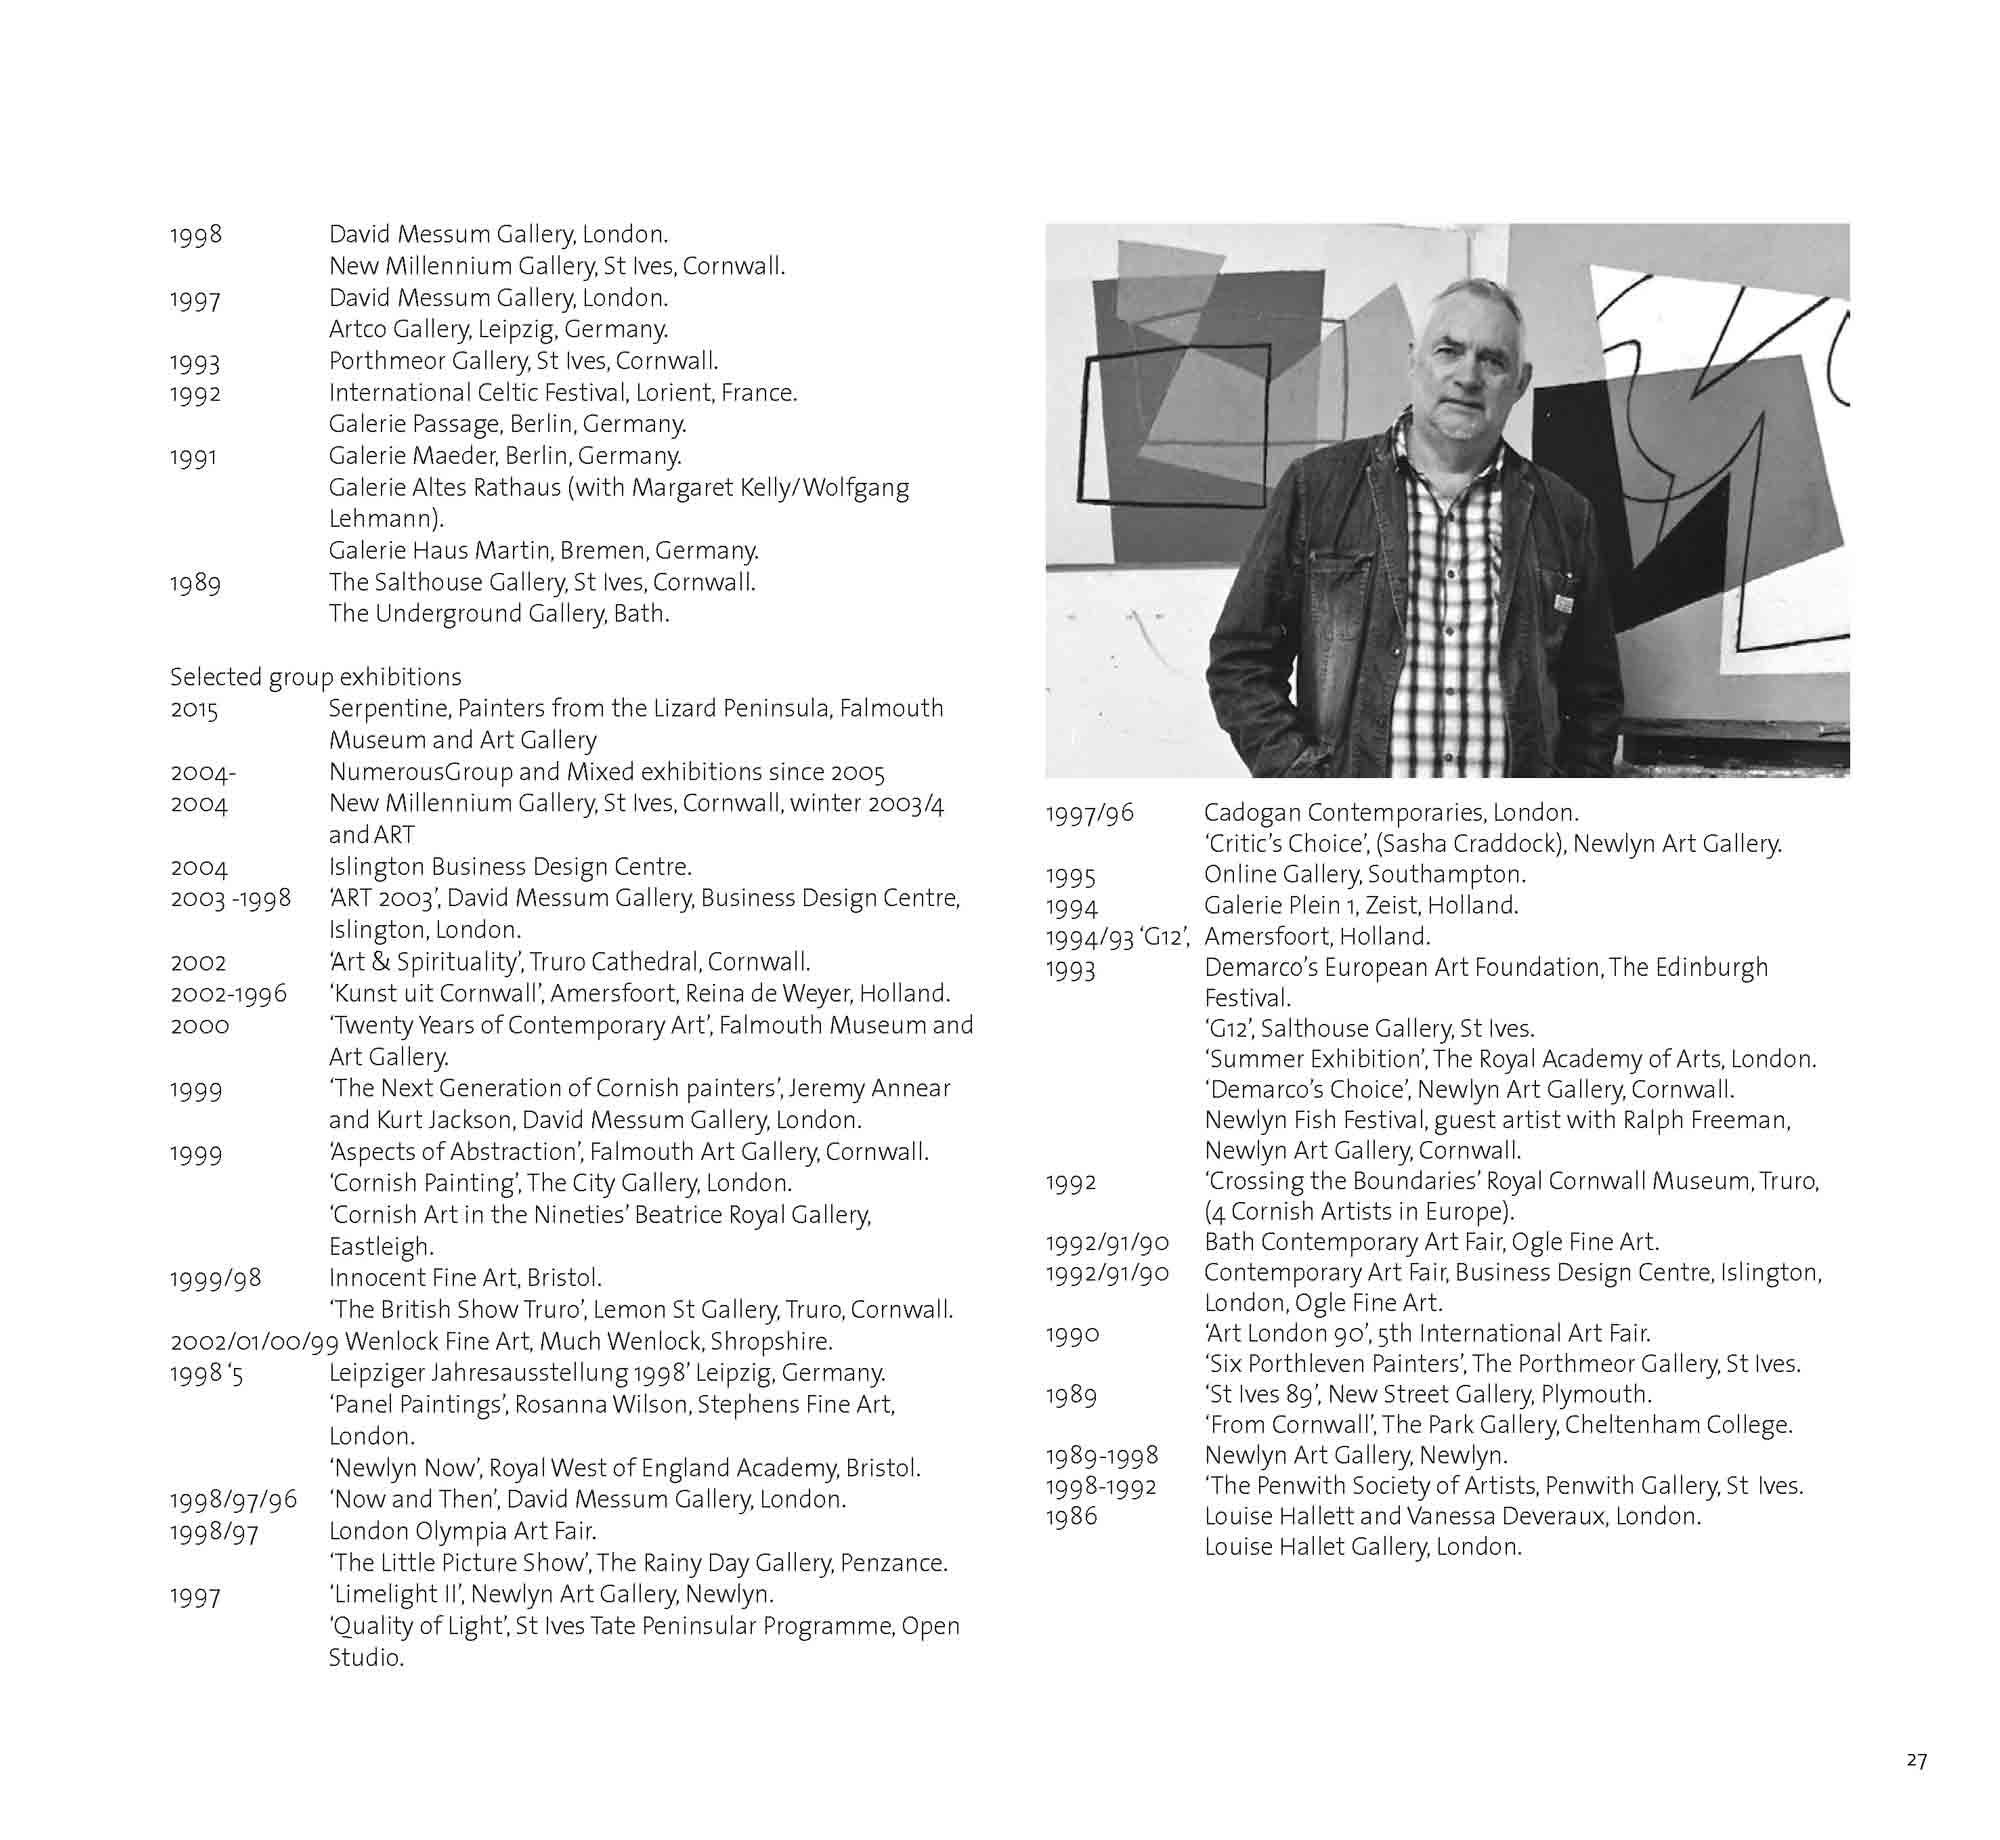 Jeremy Annear publication image